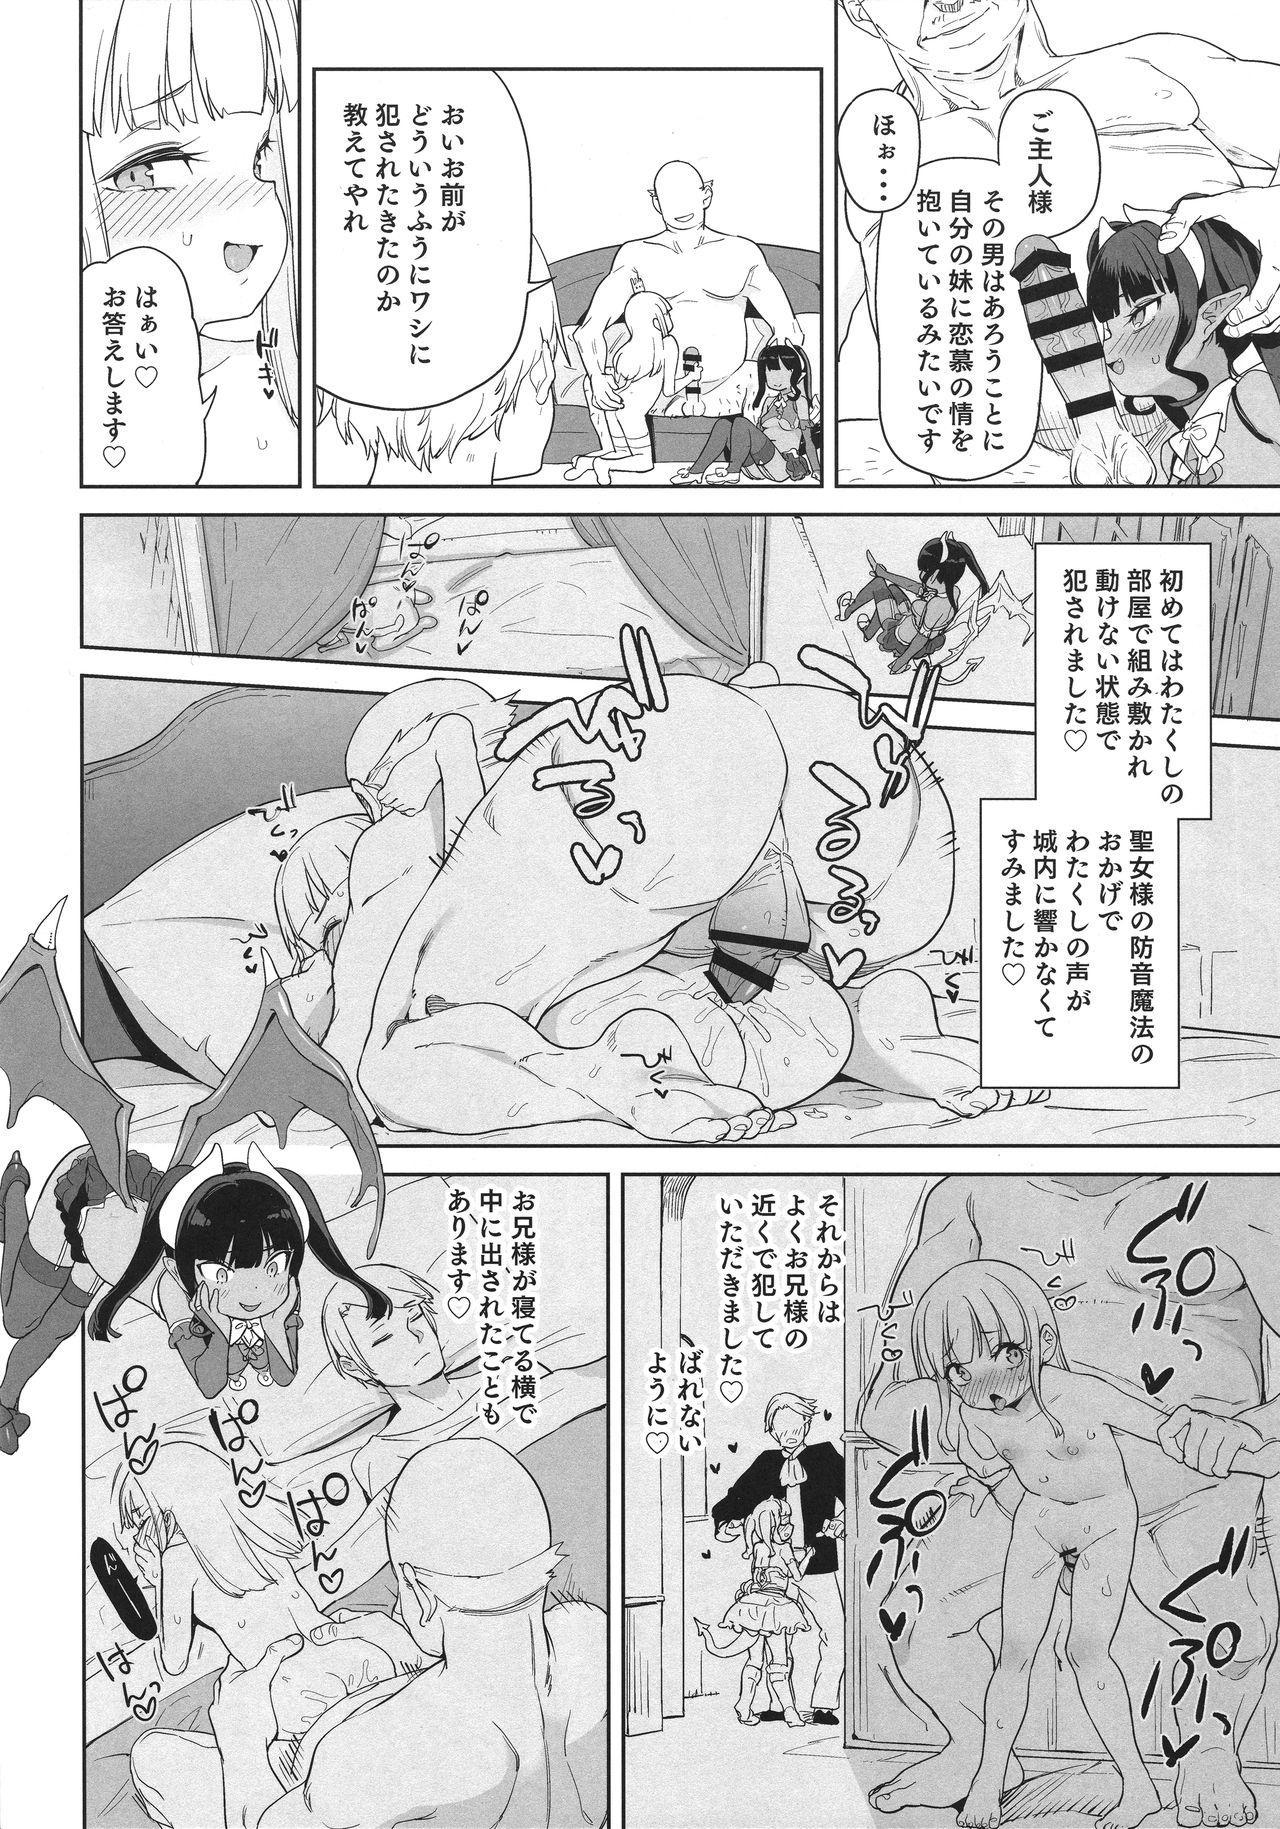 Tsugou no Yoi Tanoshii Isekai de Kuzuo no Benri na Mesu ni Naru 16